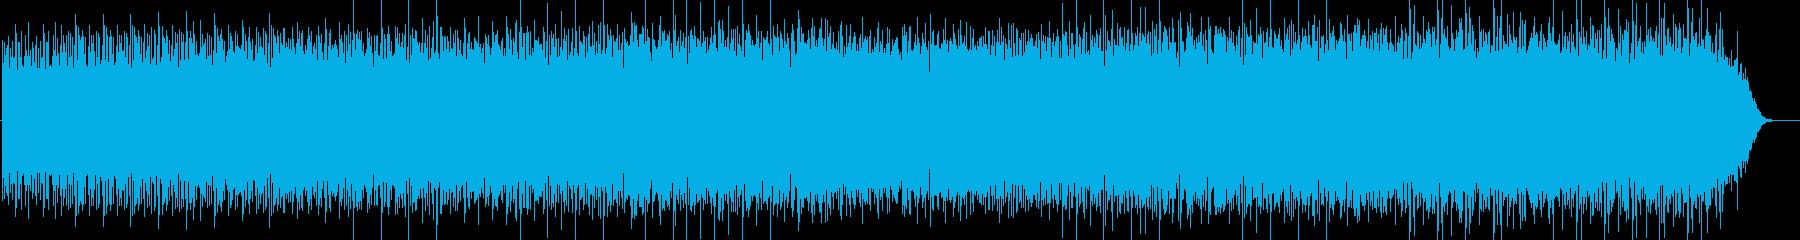 サイケデリックテイストのミニマルロックの再生済みの波形